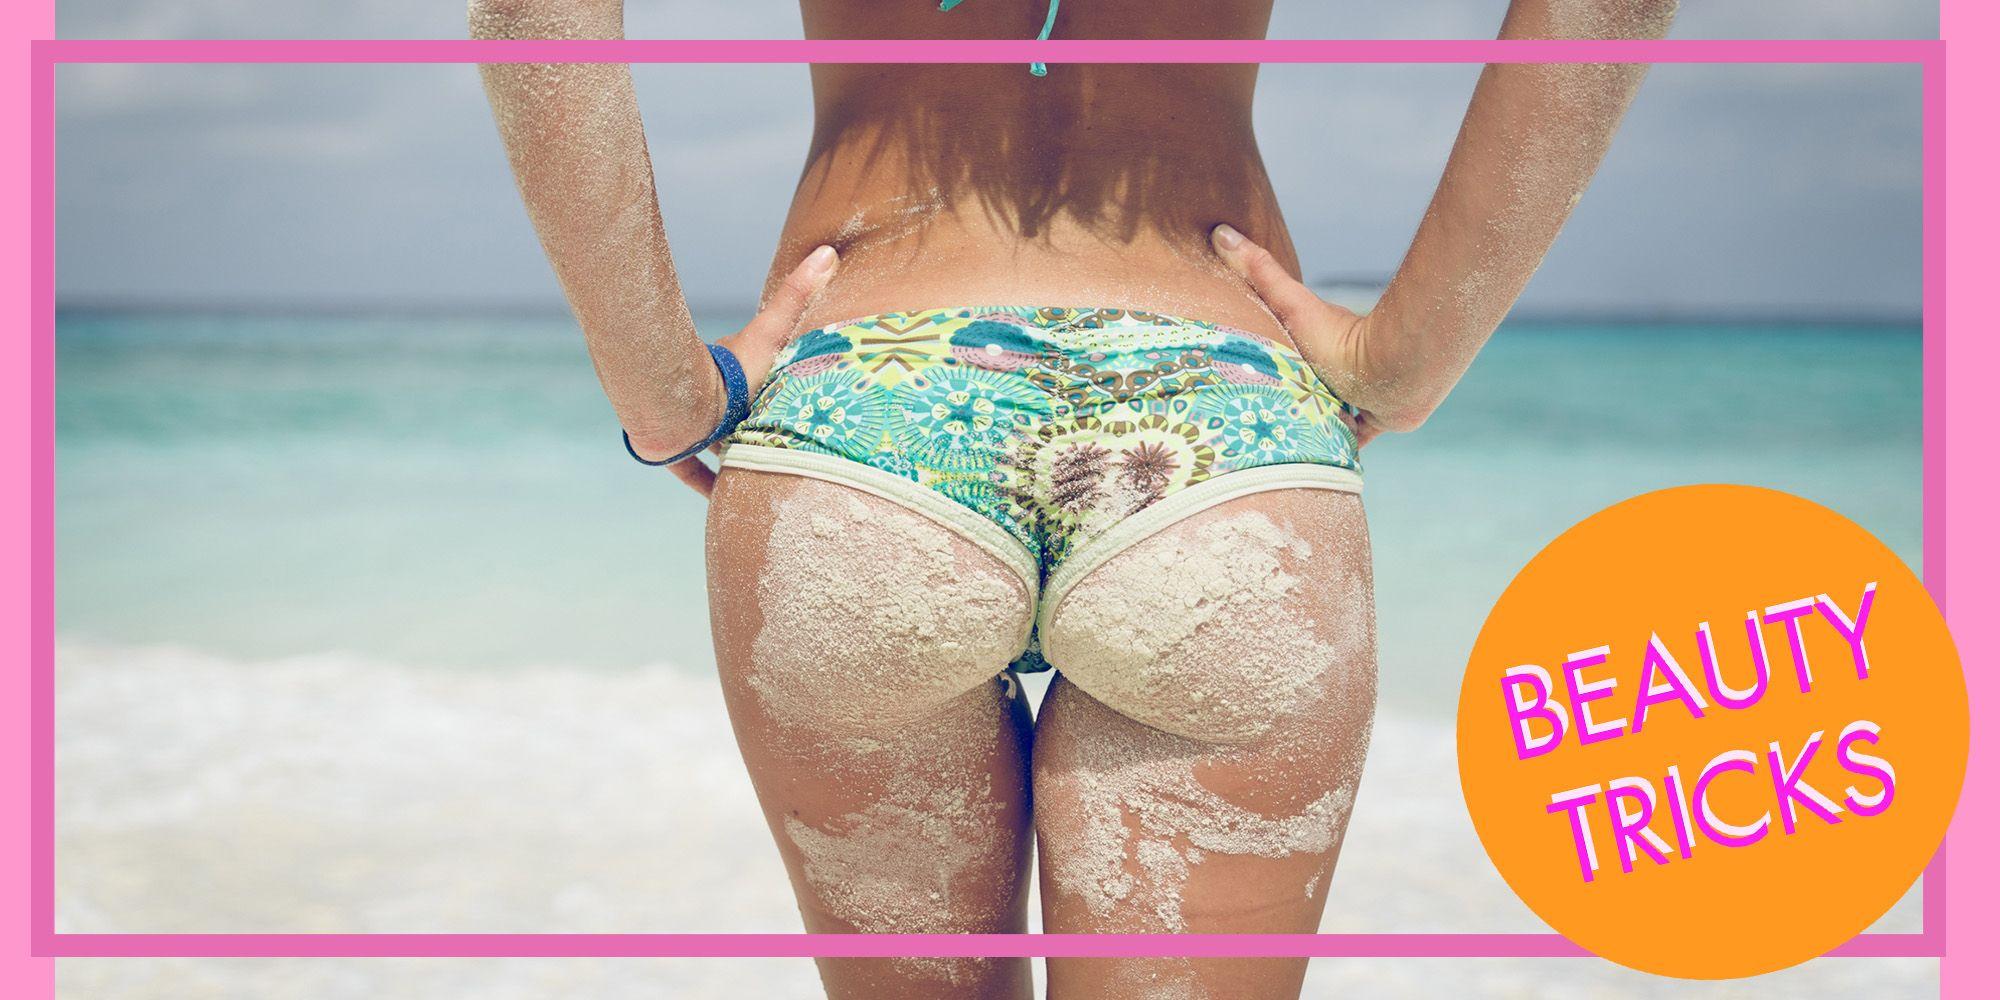 Cosmopolitan Italia On Flipboard Eliminare La Cellulite Con I Rimedi Della Guru Del Benessere La Metti Al Tappeto Su Gambe Co